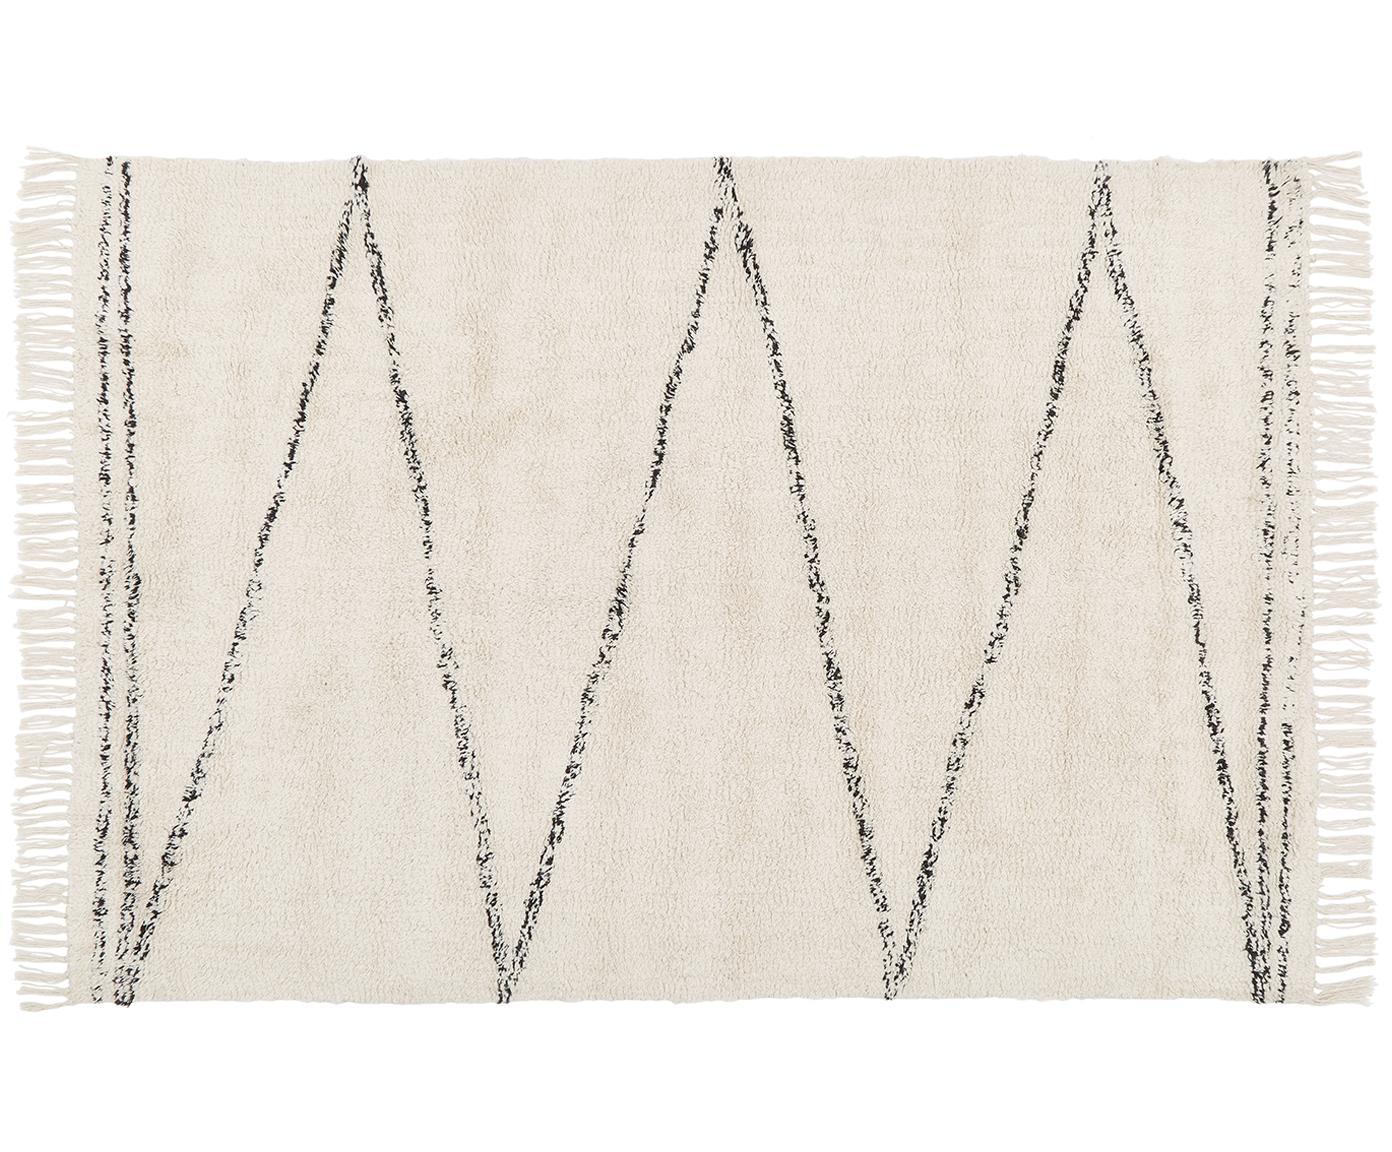 Tappeto Asisa in cotone taftato a mano con motivo a zigzag, Beige, nero, Larg. 200 x Lung. 300 cm (taglia L)